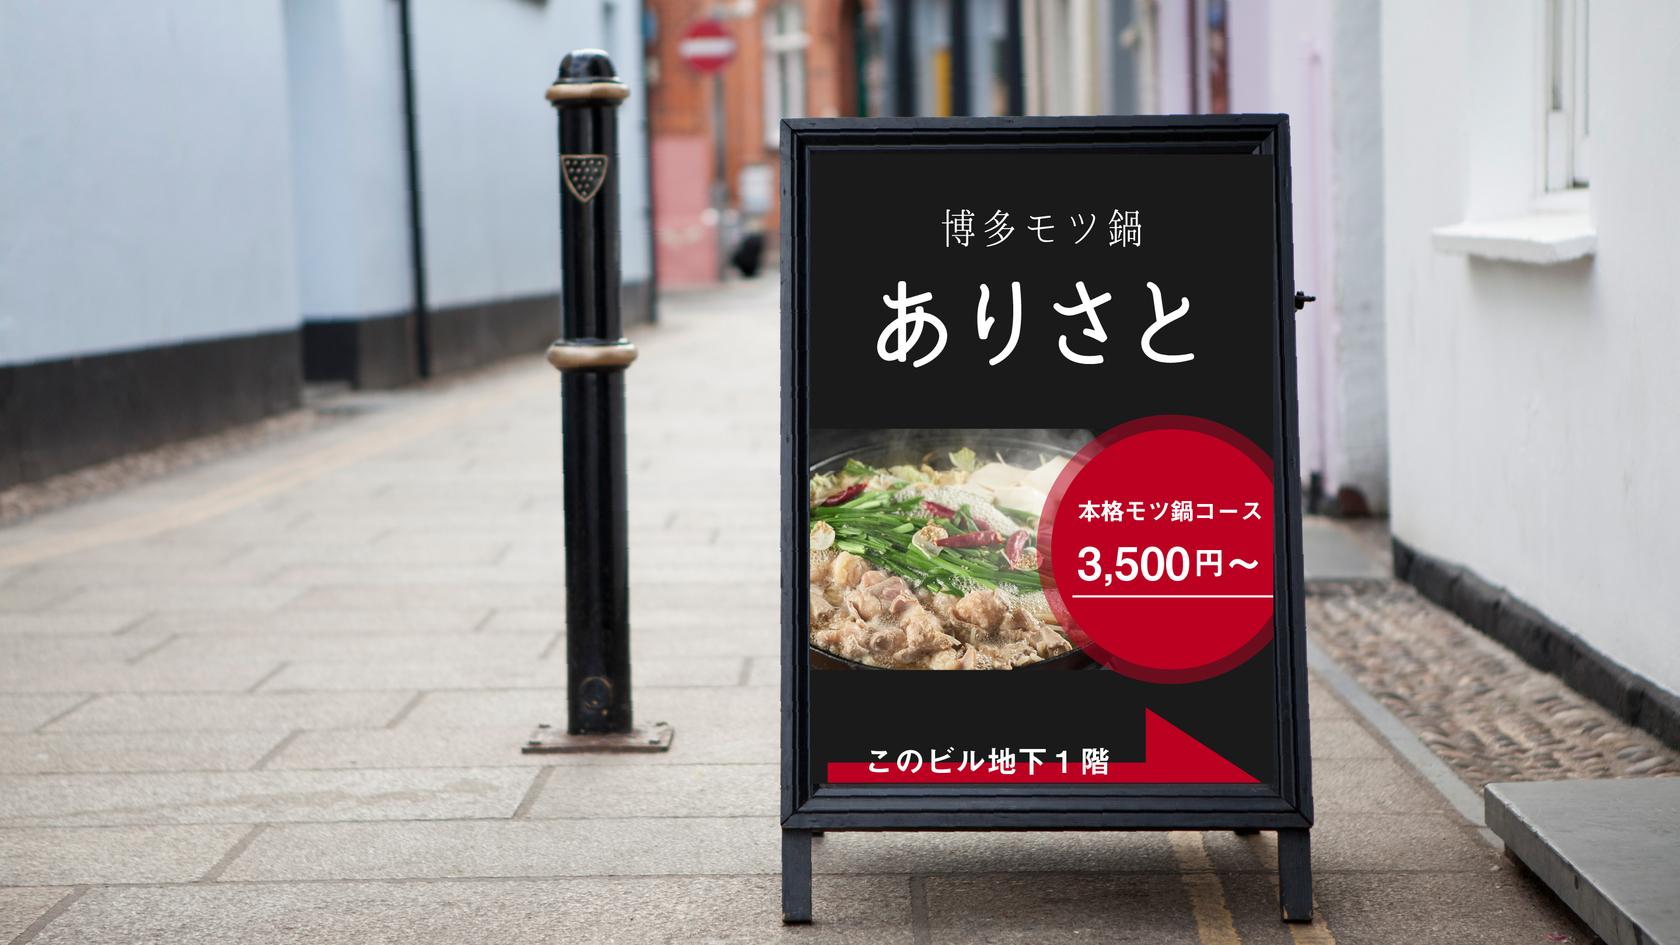 飲食店の看板の例